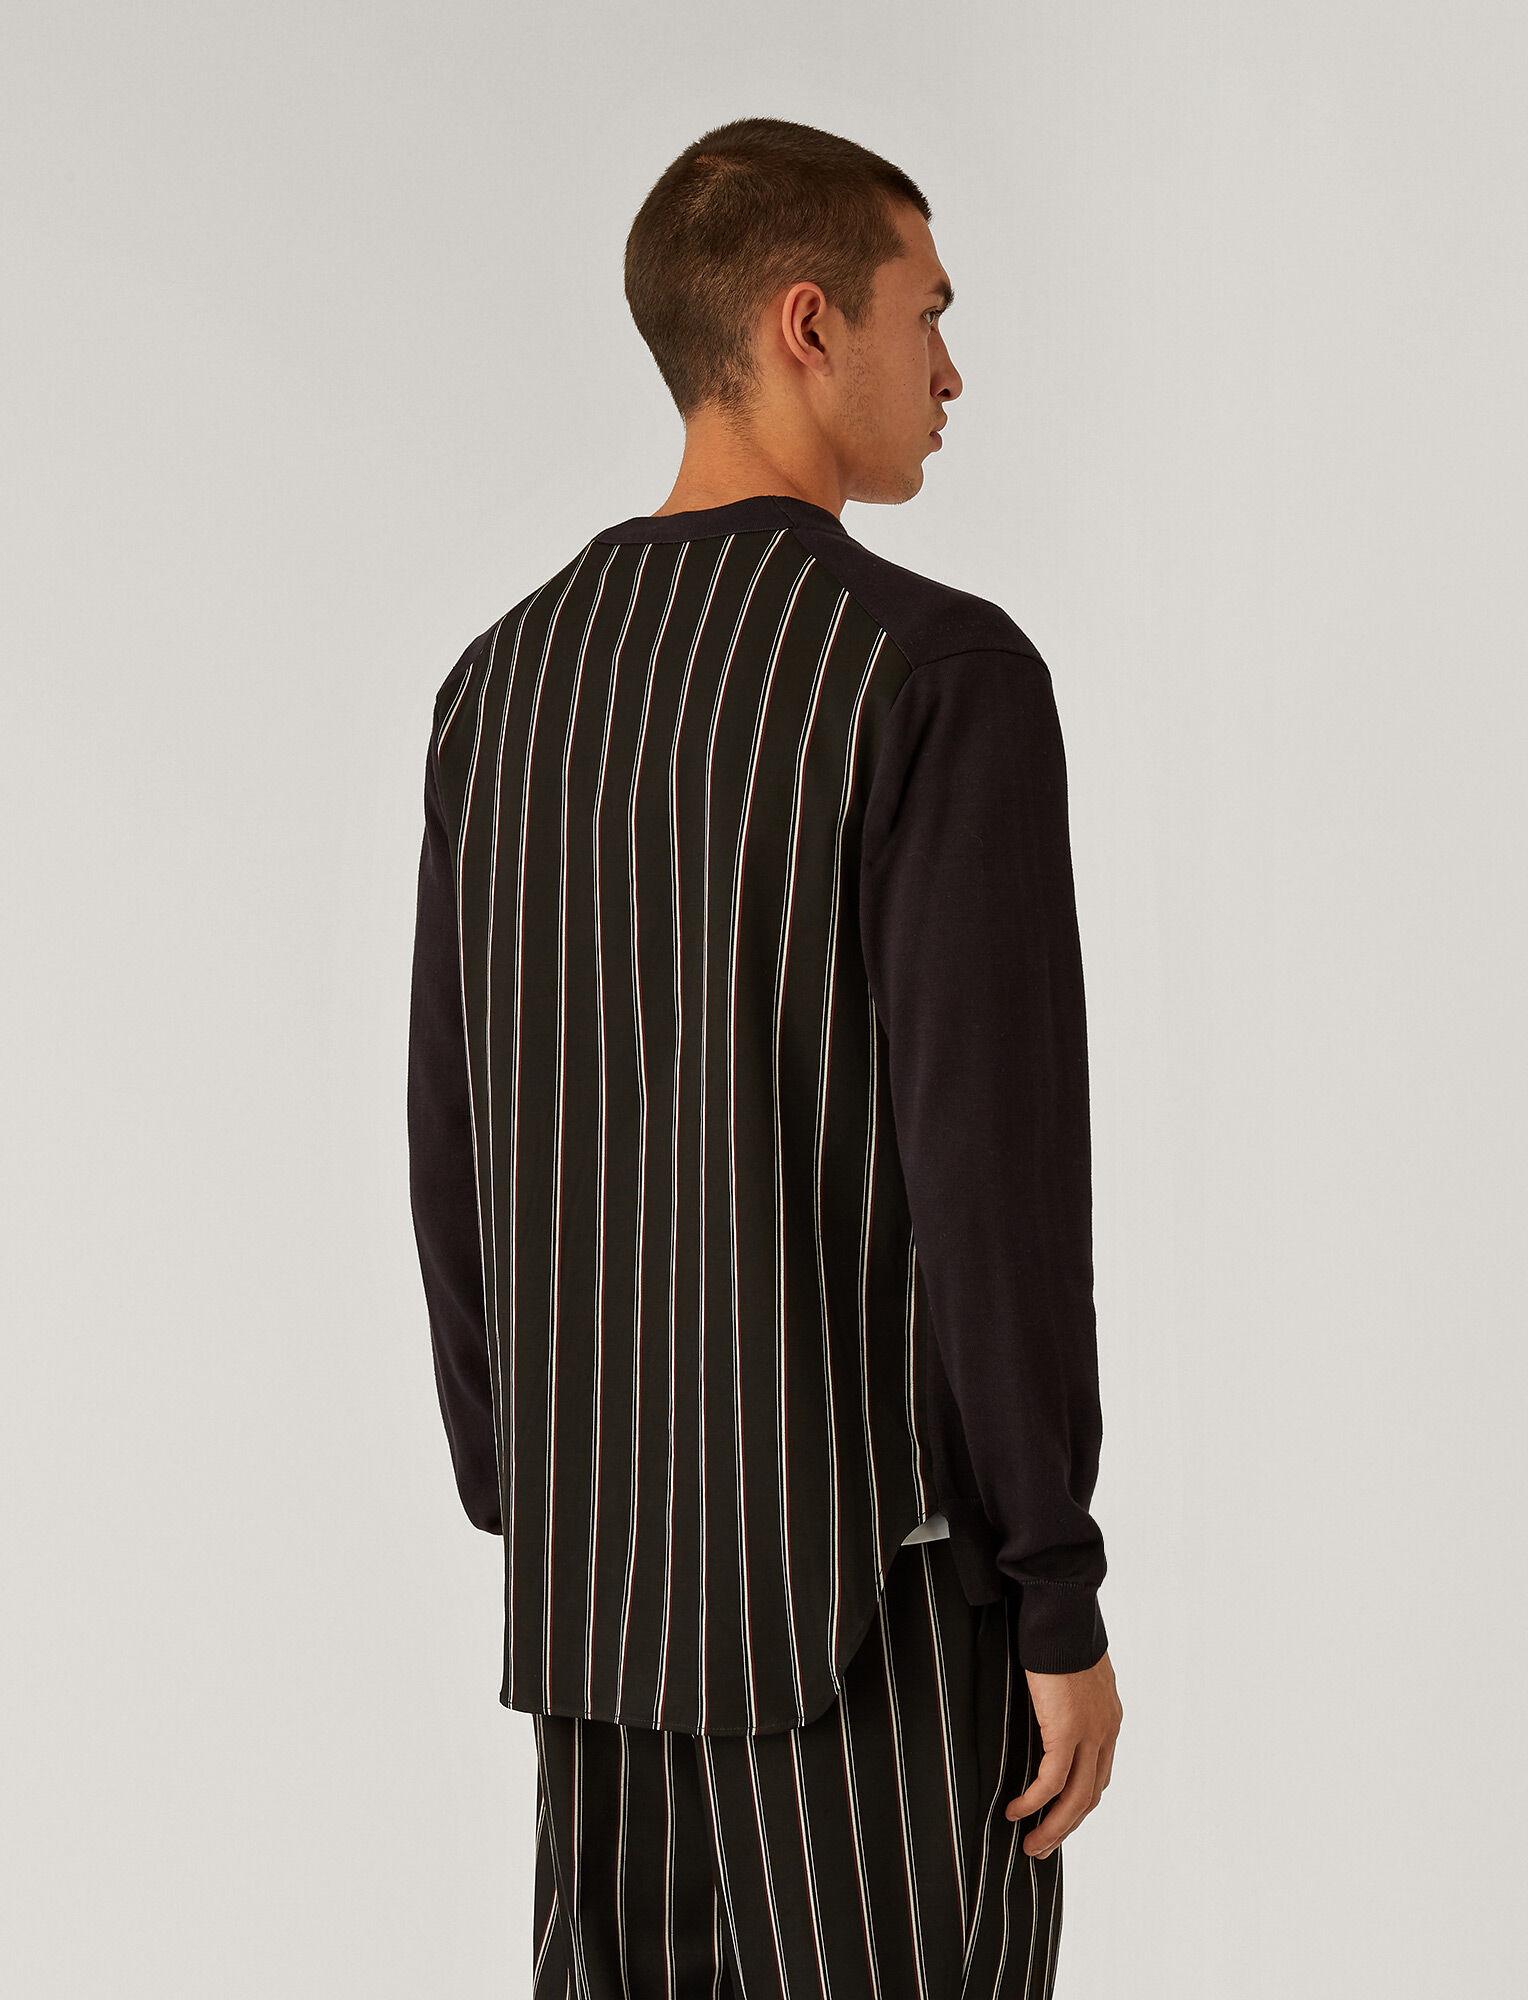 Joseph, V Neck Stripe Block Cardigan, in Black